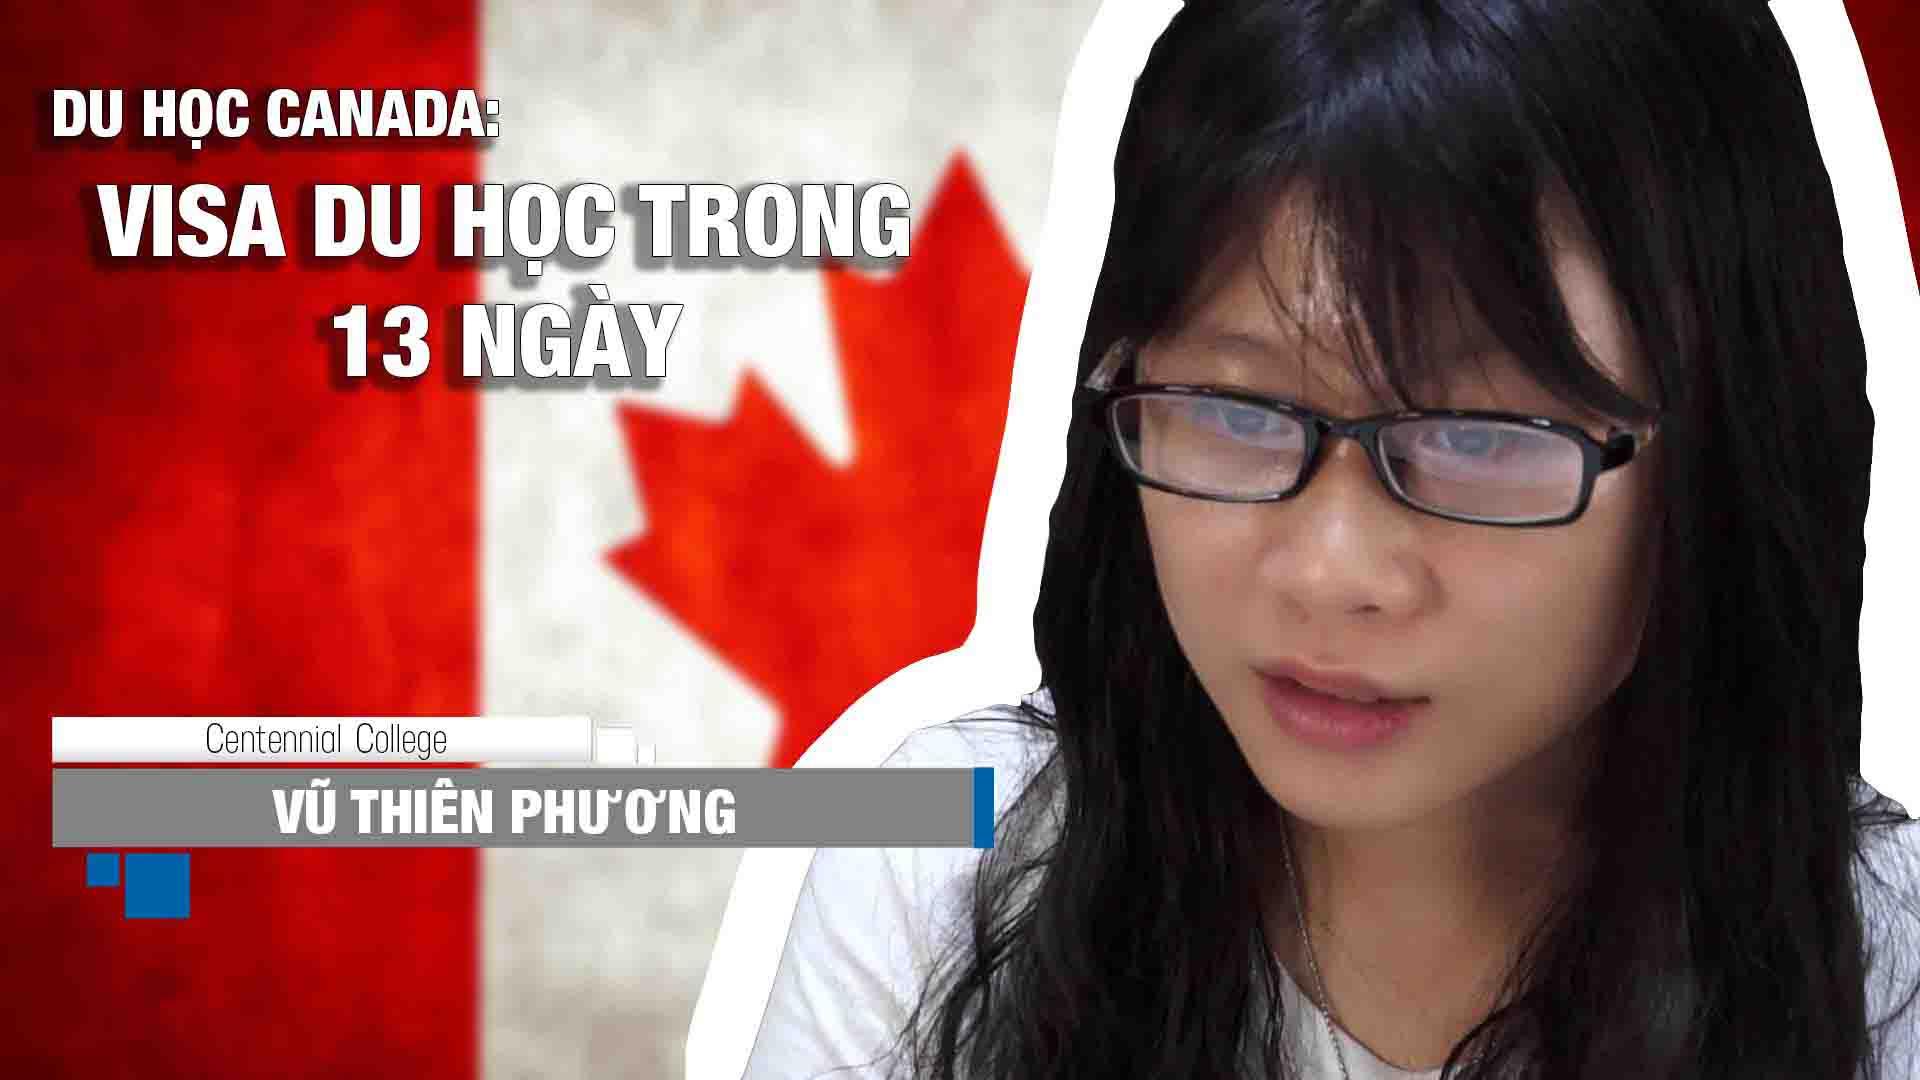 Visa du học Canada trong 13 ngày, hồ sơ cần những gì? Chọn ngành nhà hàng khách sạn hoặc muốn chọn Toronto là điểm đến du học thì nên học ở trường nào? Chia sẻ của bạn Vũ Thiên Phương, du học sinh INEC trúng tuyển vào Cao đẳng Centennial, Toronto, Canada.